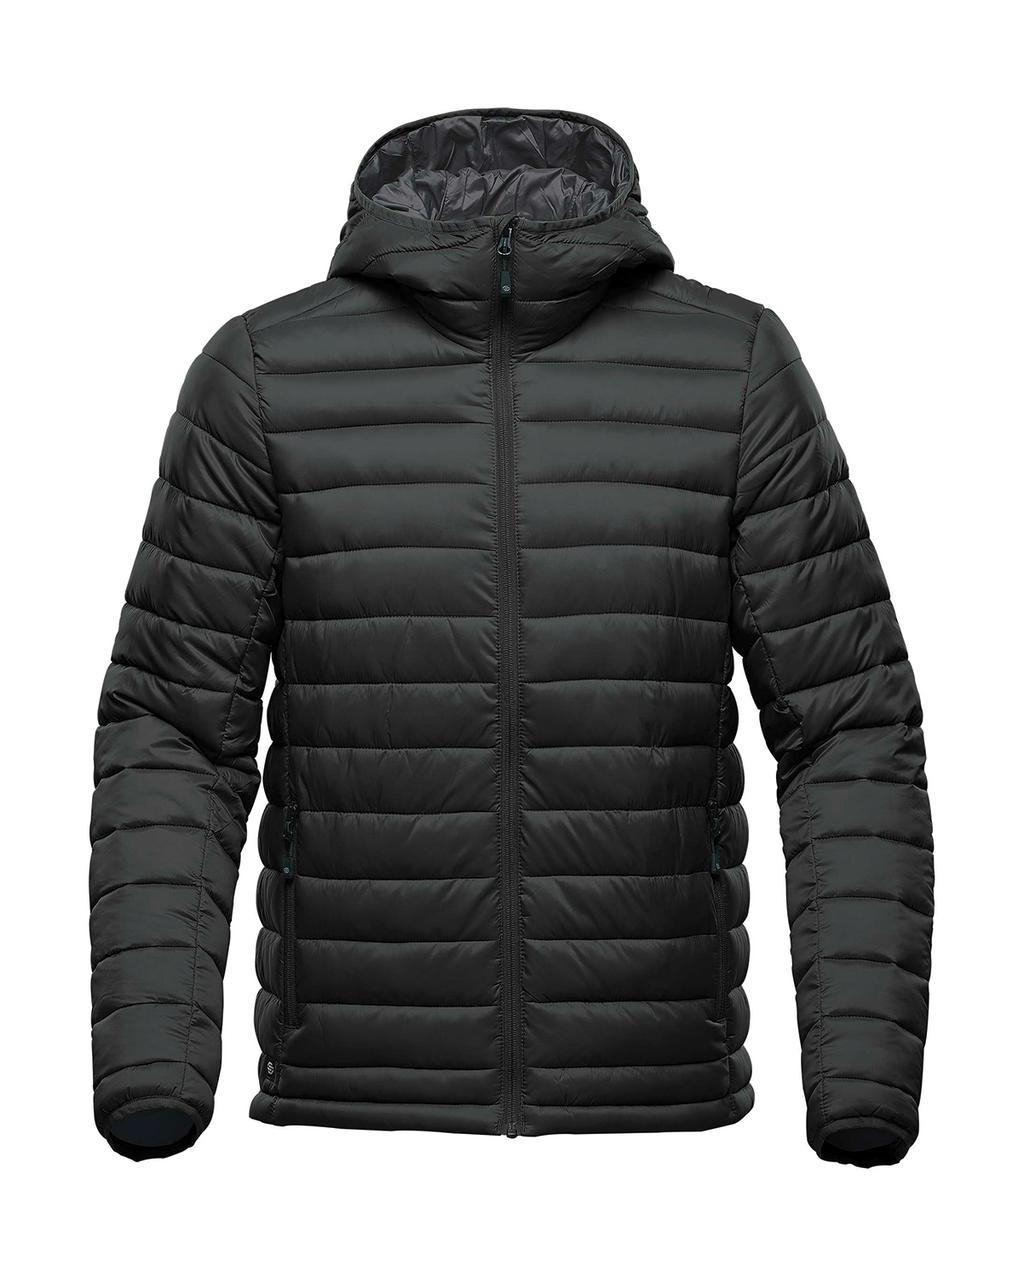 Pánská Stavanger Thermal bunda - zvìtšit obrázek